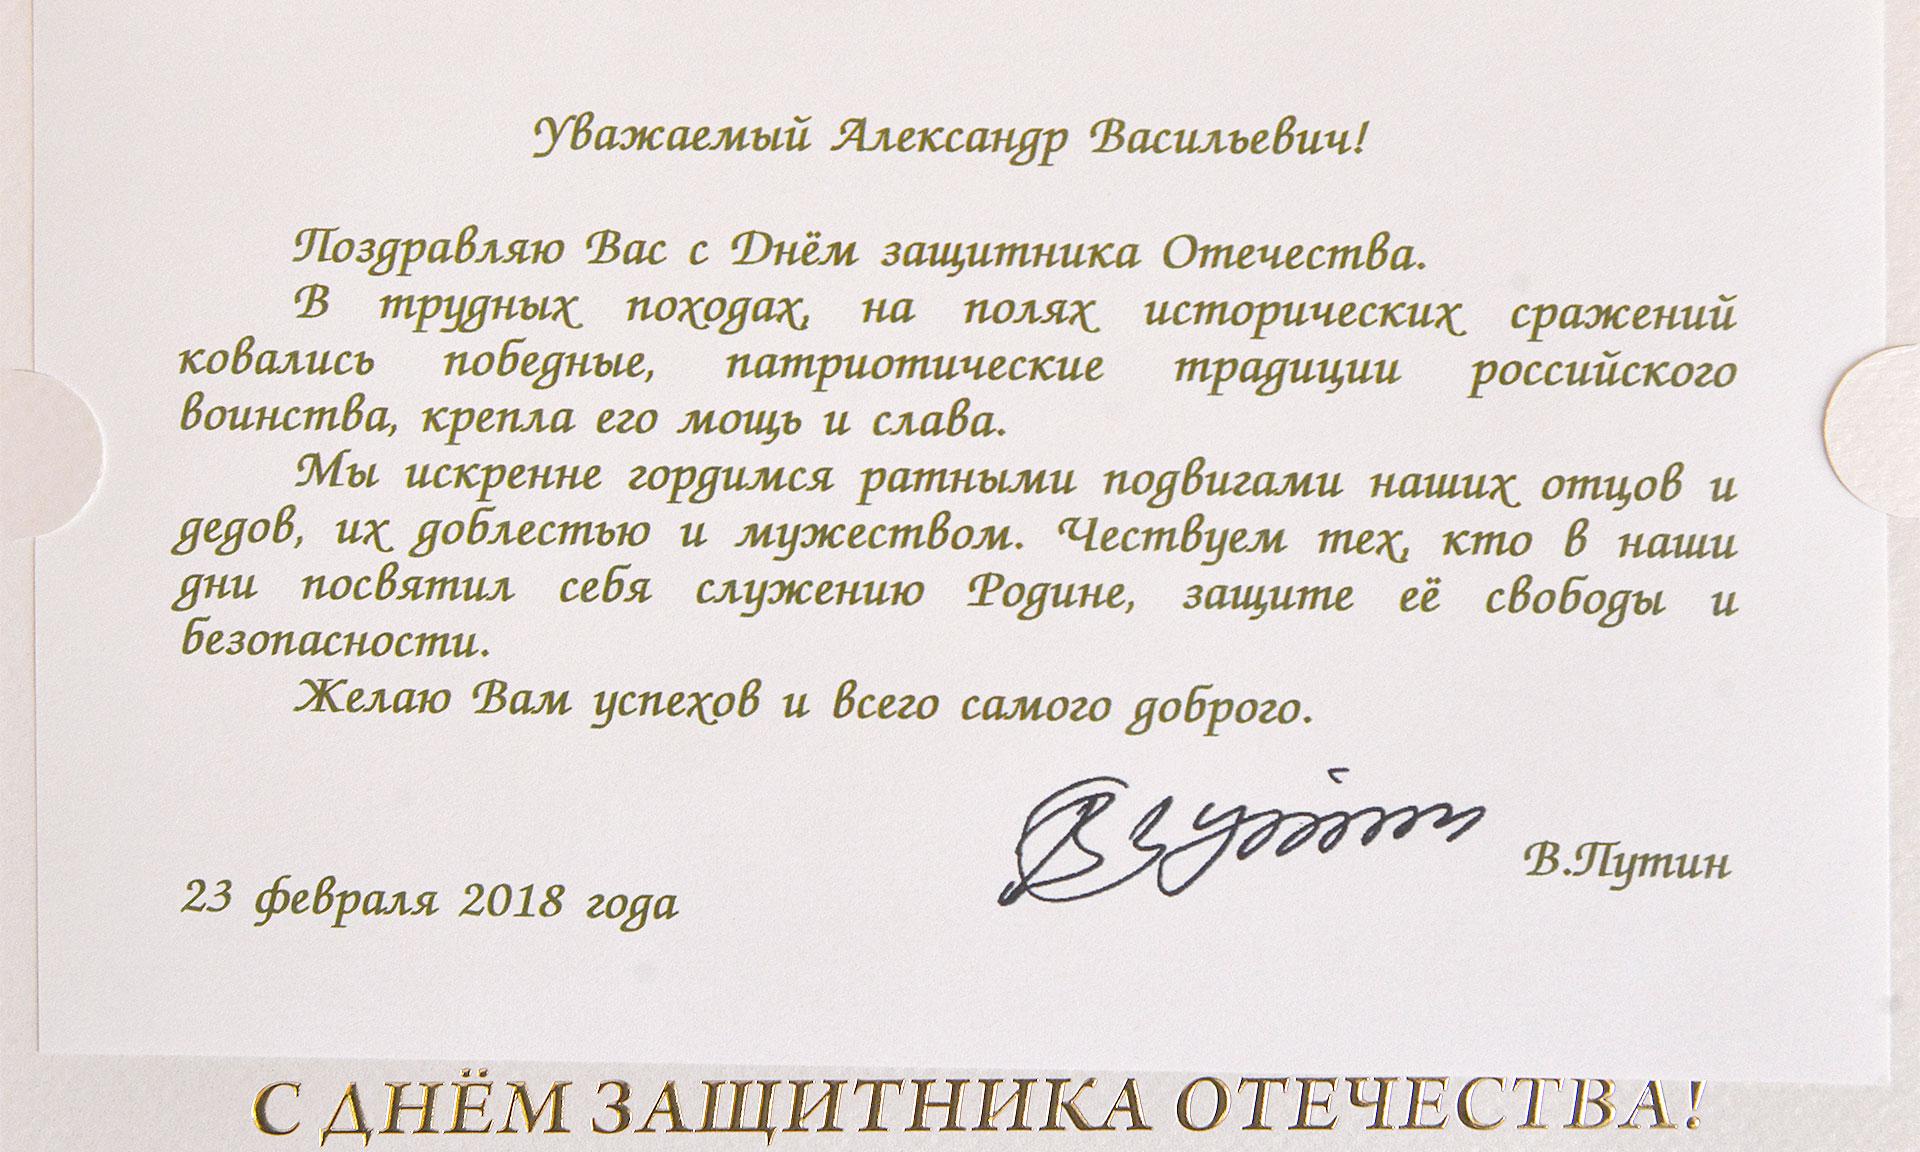 ❶Поздравление с 23 февраля от губернатора Поздравления в картинках с 23 февраля коллегам   }